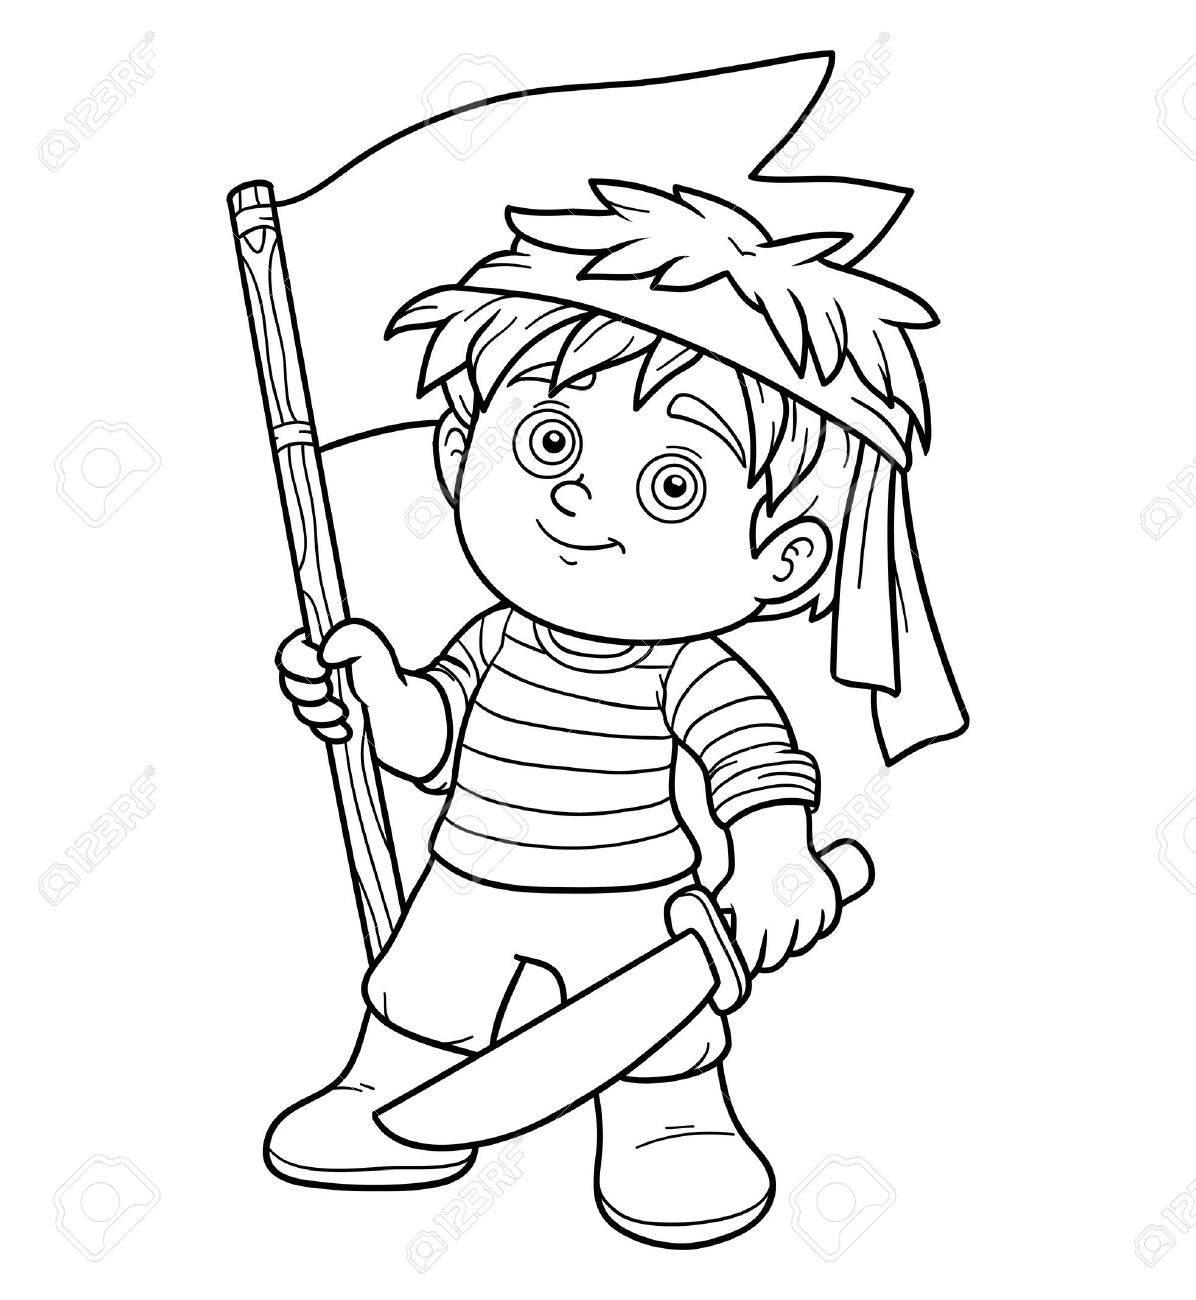 Livre De Coloriage Jeu Educatif Pour Les Enfants Garcon De Pirate Clip Art Libres De Droits Vecteurs Et Illustration Image 49794157